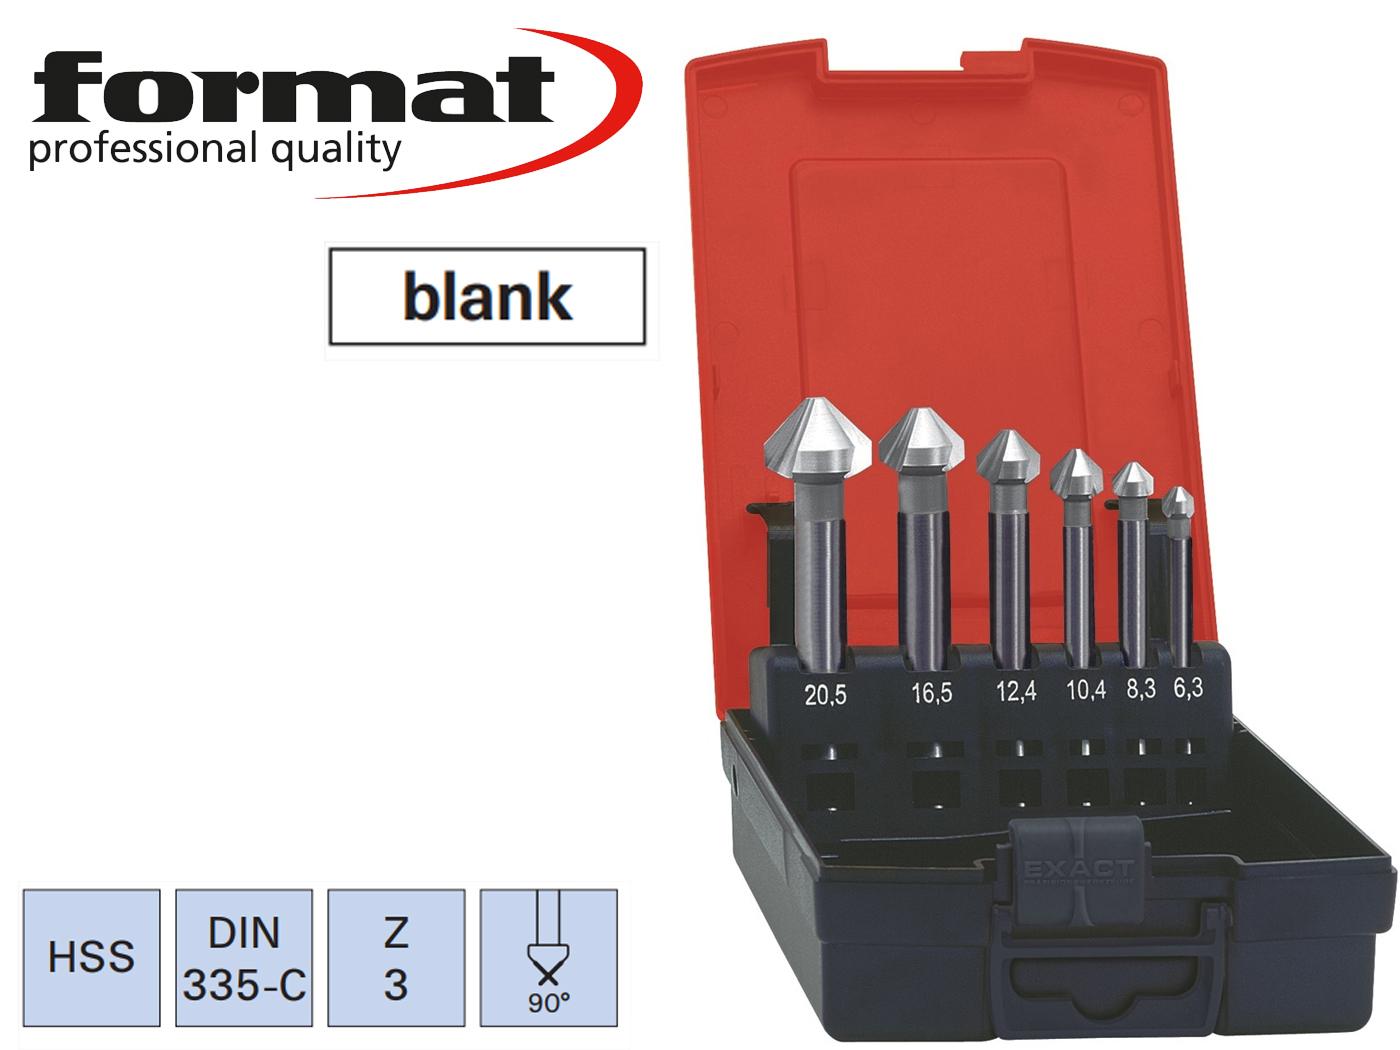 verzinkboor set Lang DIN 335 C 90G FORMAT   DKMTools - DKM Tools